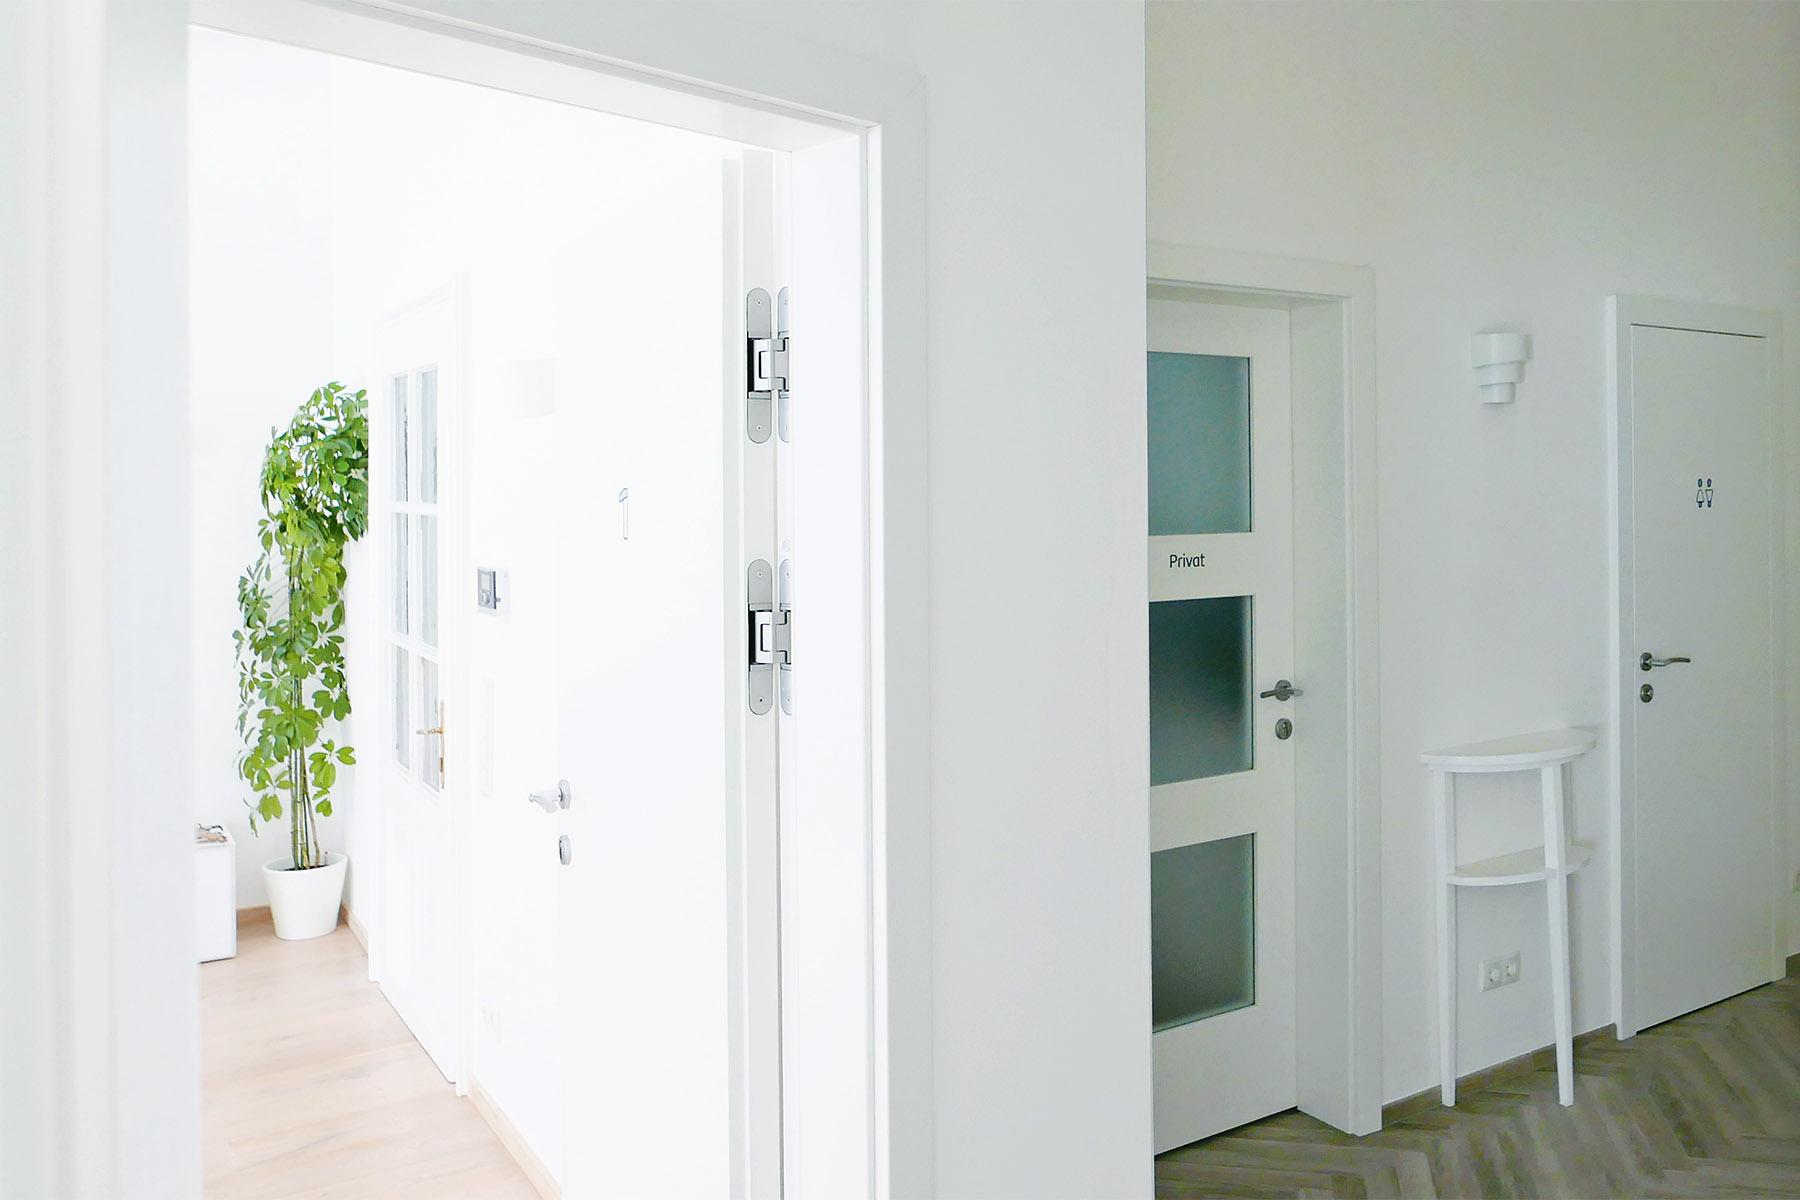 Psychotherapie, Eingangsbereich und Zugang